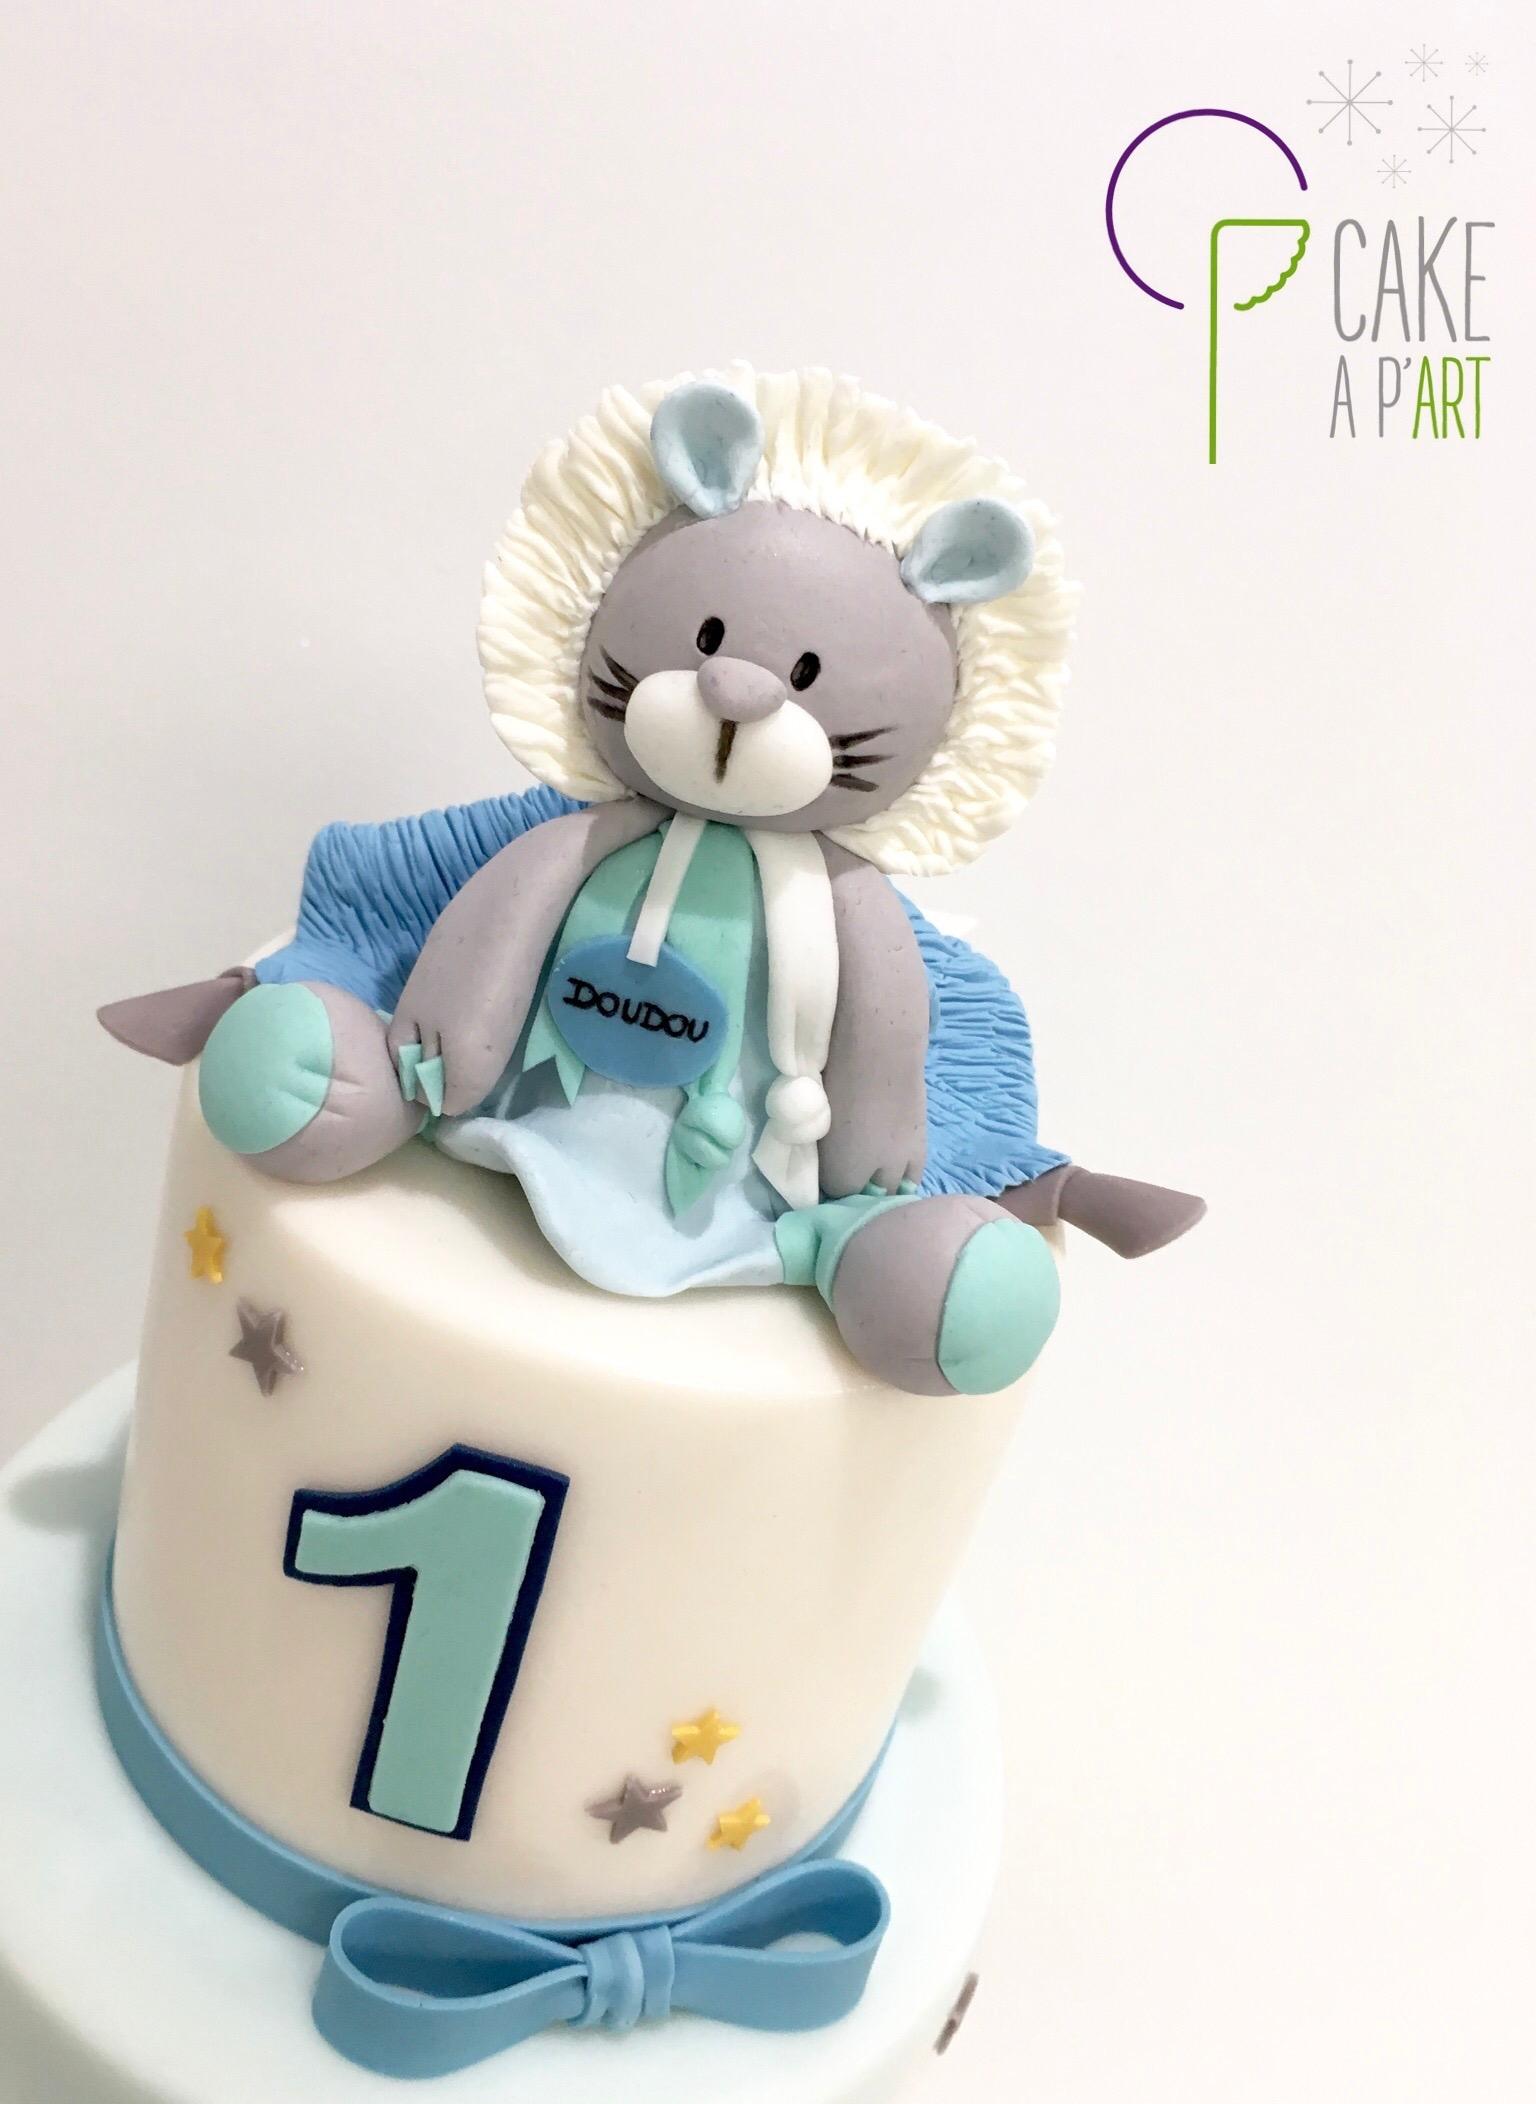 Décor modelage en sucre gâteaux personnalisés - Anniversaire Thème Doudou veilleuse